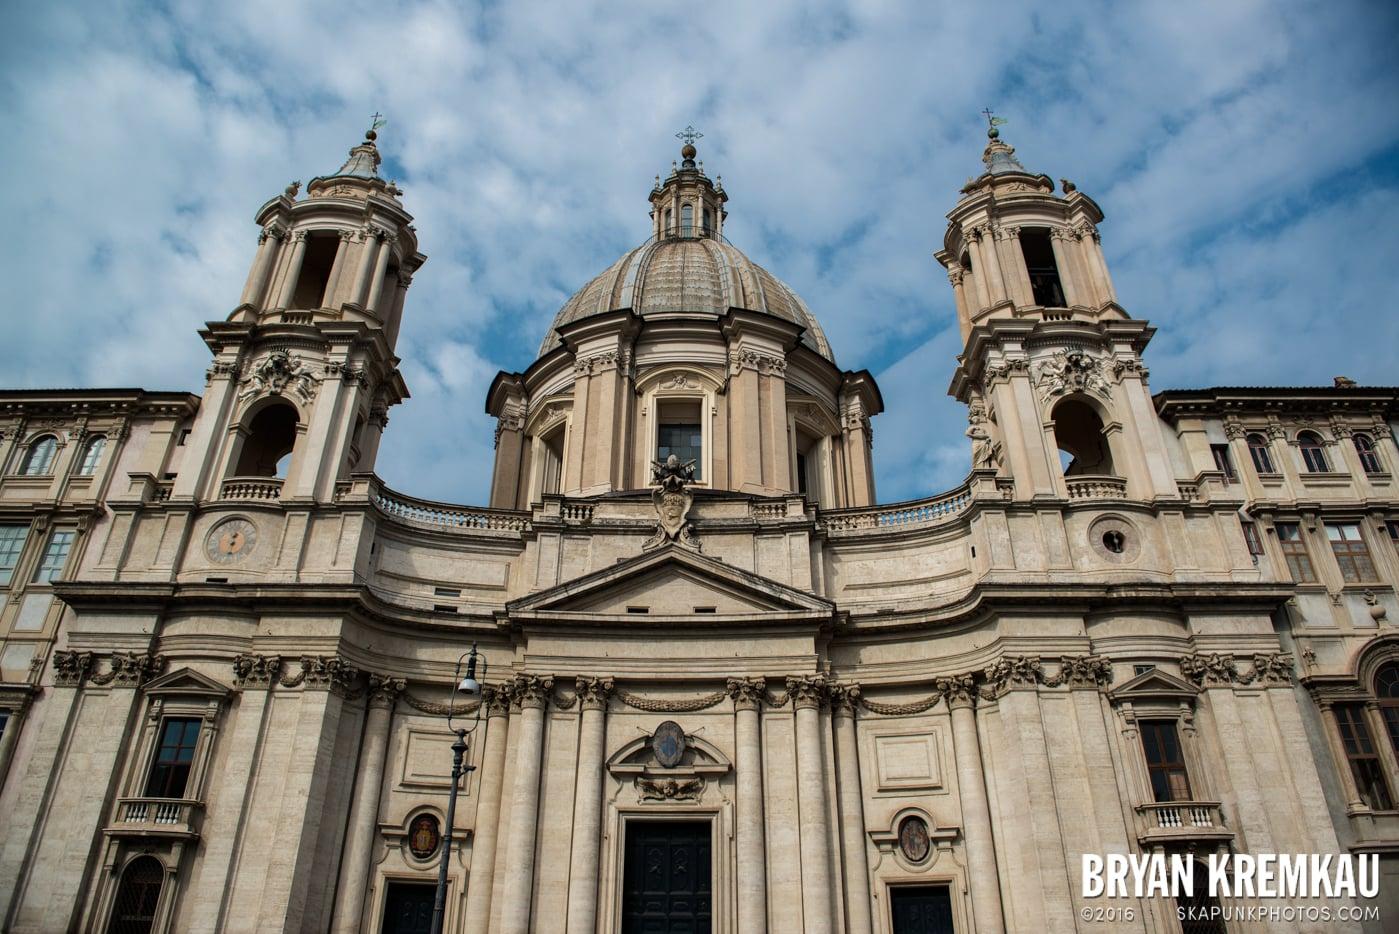 Italy Vacation - Day 1: Rome - 9.9.13 (86)